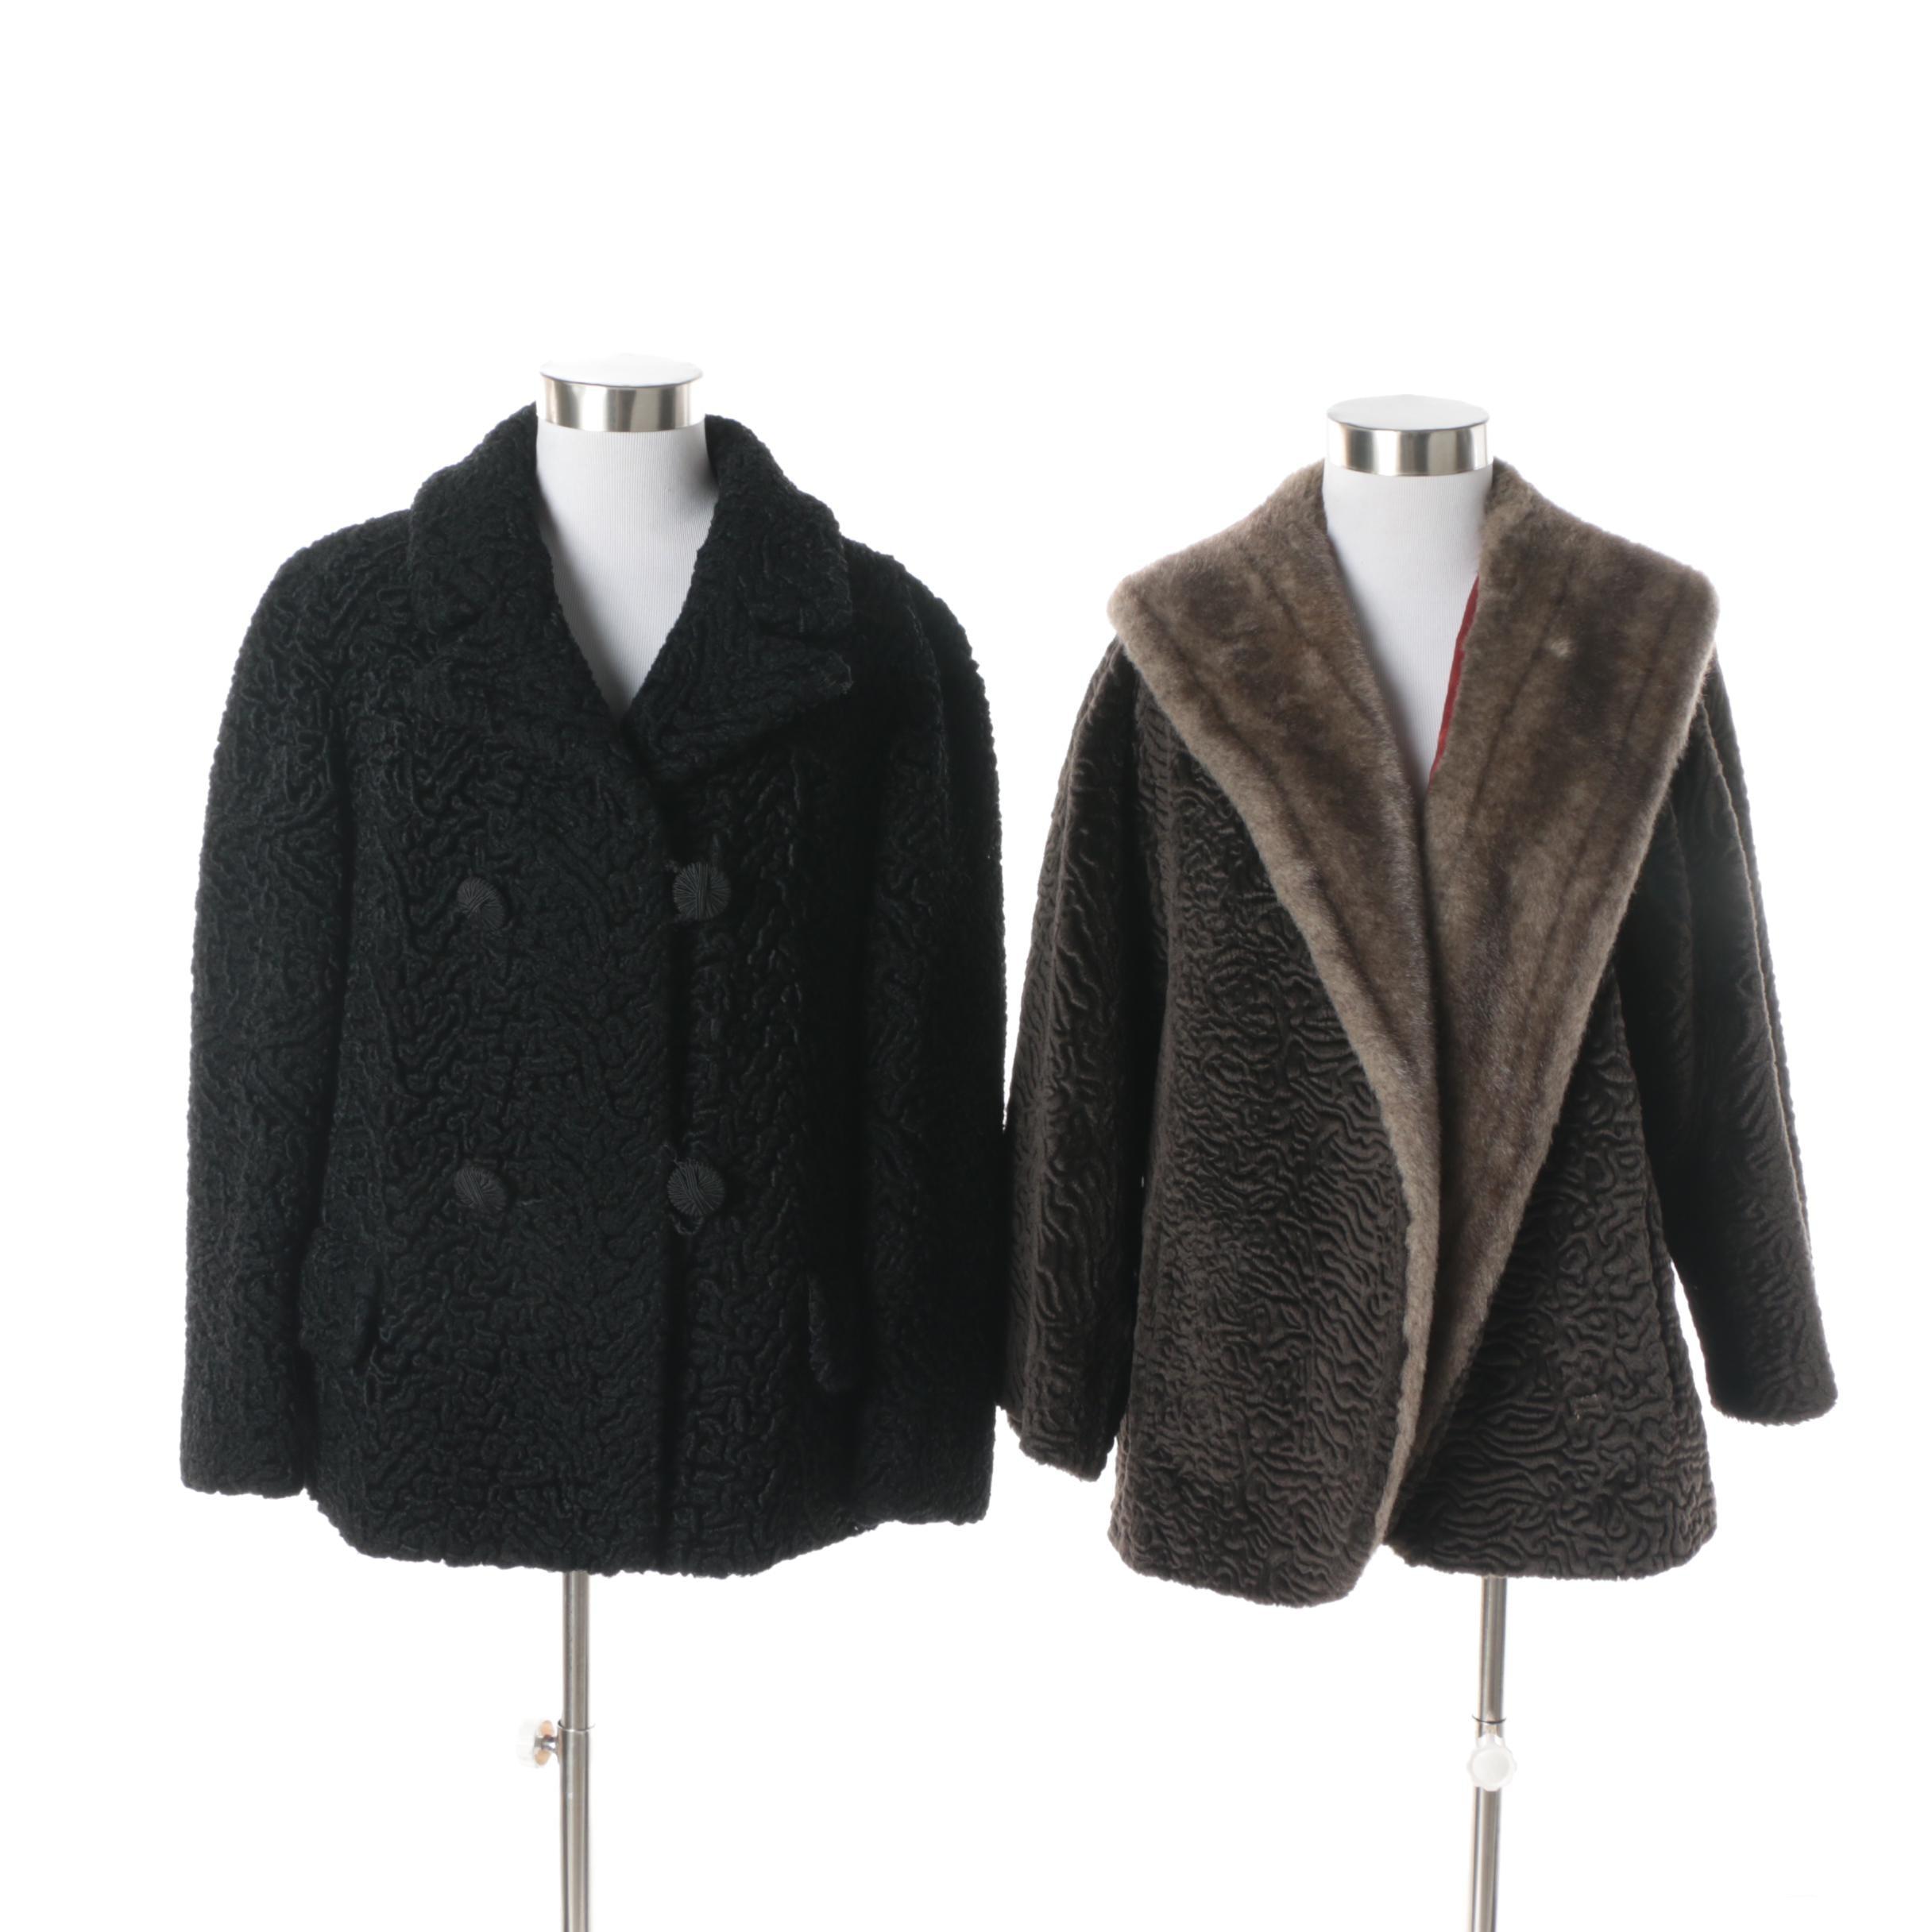 Women's Vintage Coats Including a Borré by Fairmoor Faux Fur Coat